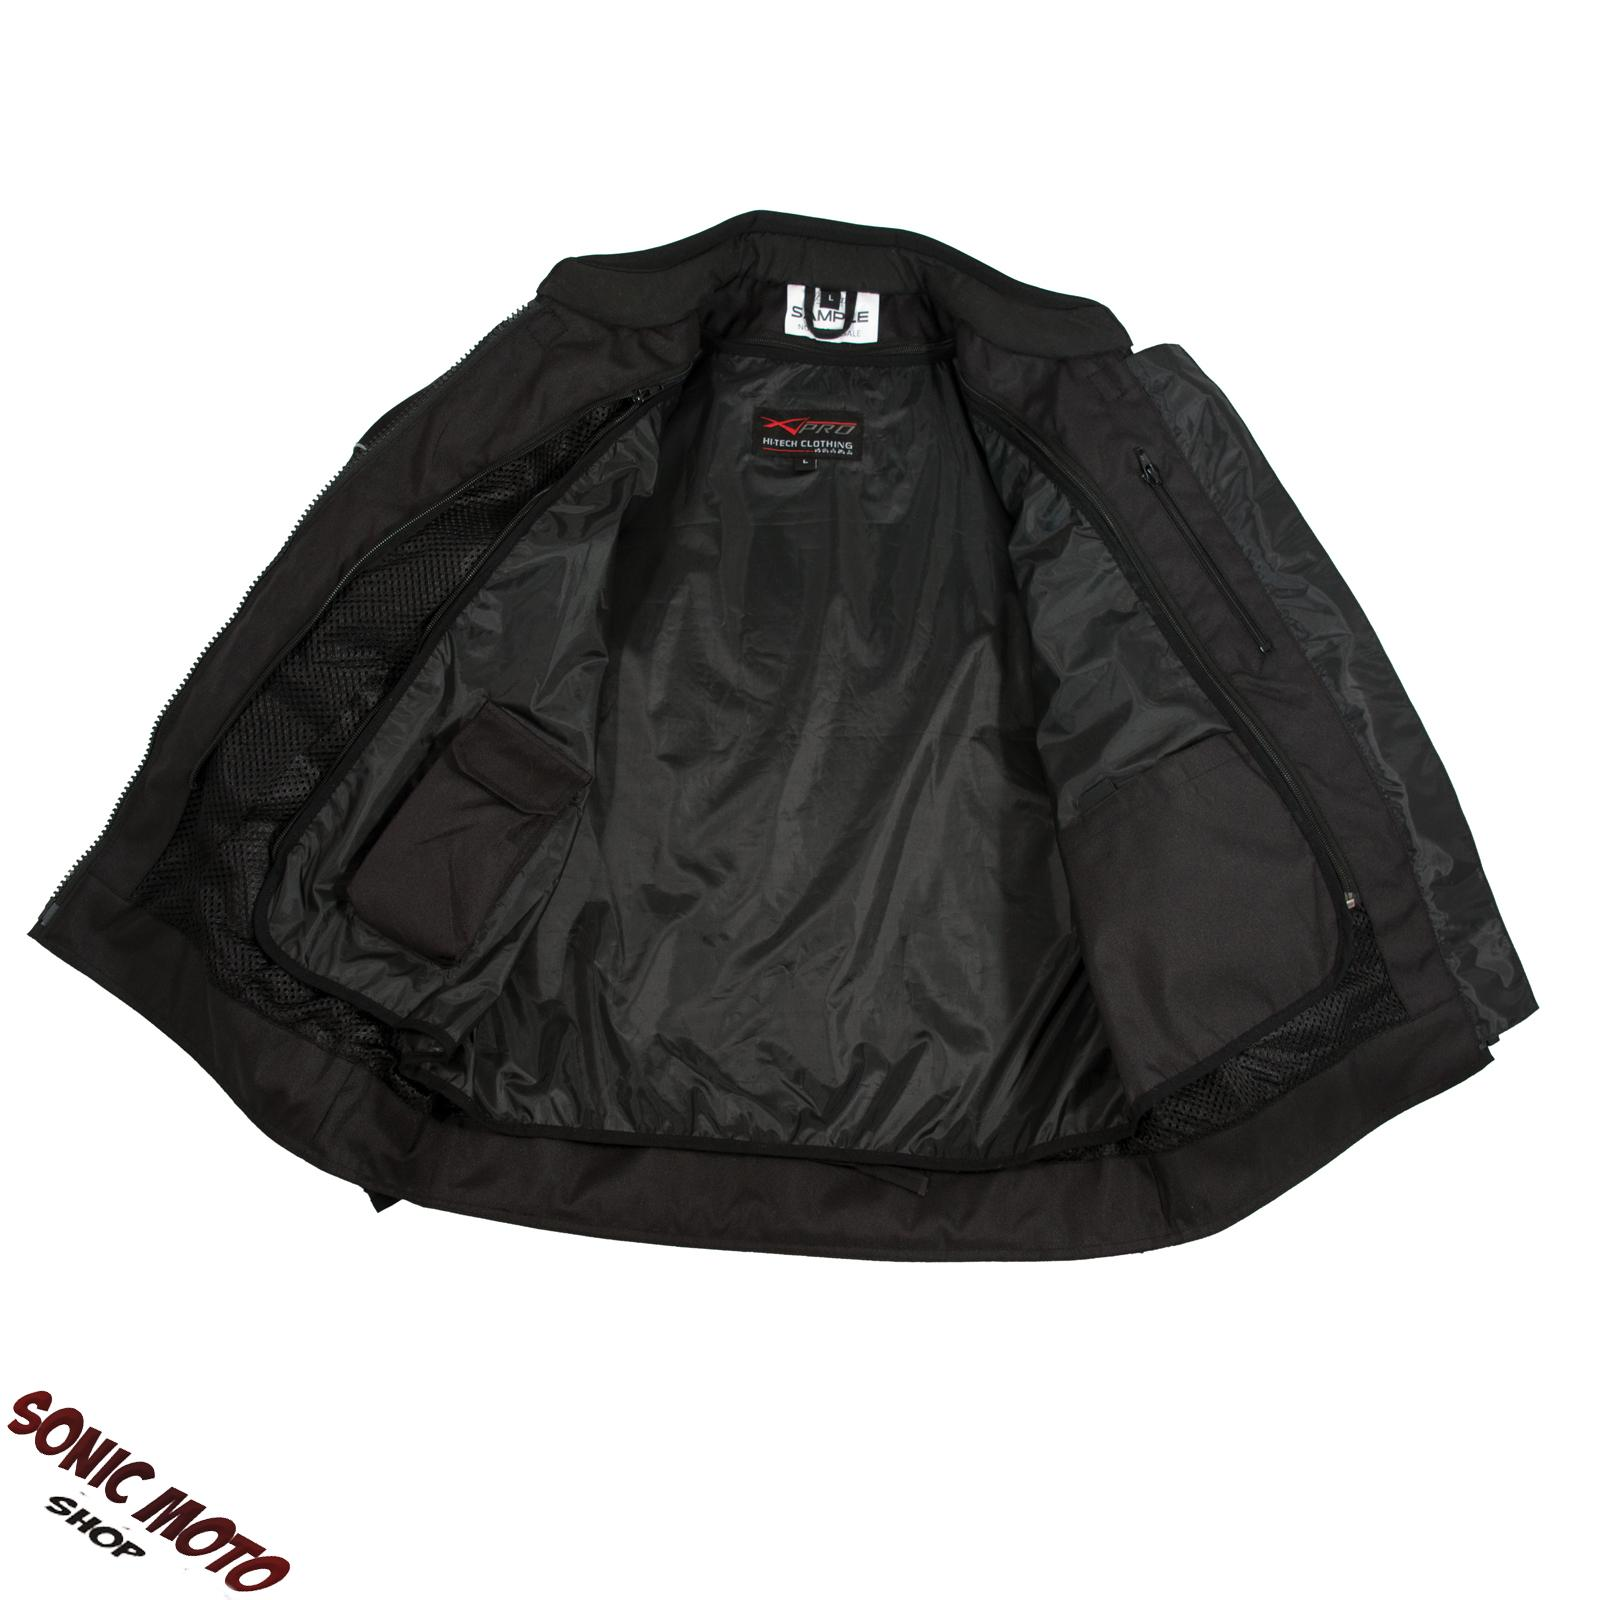 Giacca-Moto-Sport-Tessuto-Protezioni-CE-Impermeabile-Ventilata-Nero